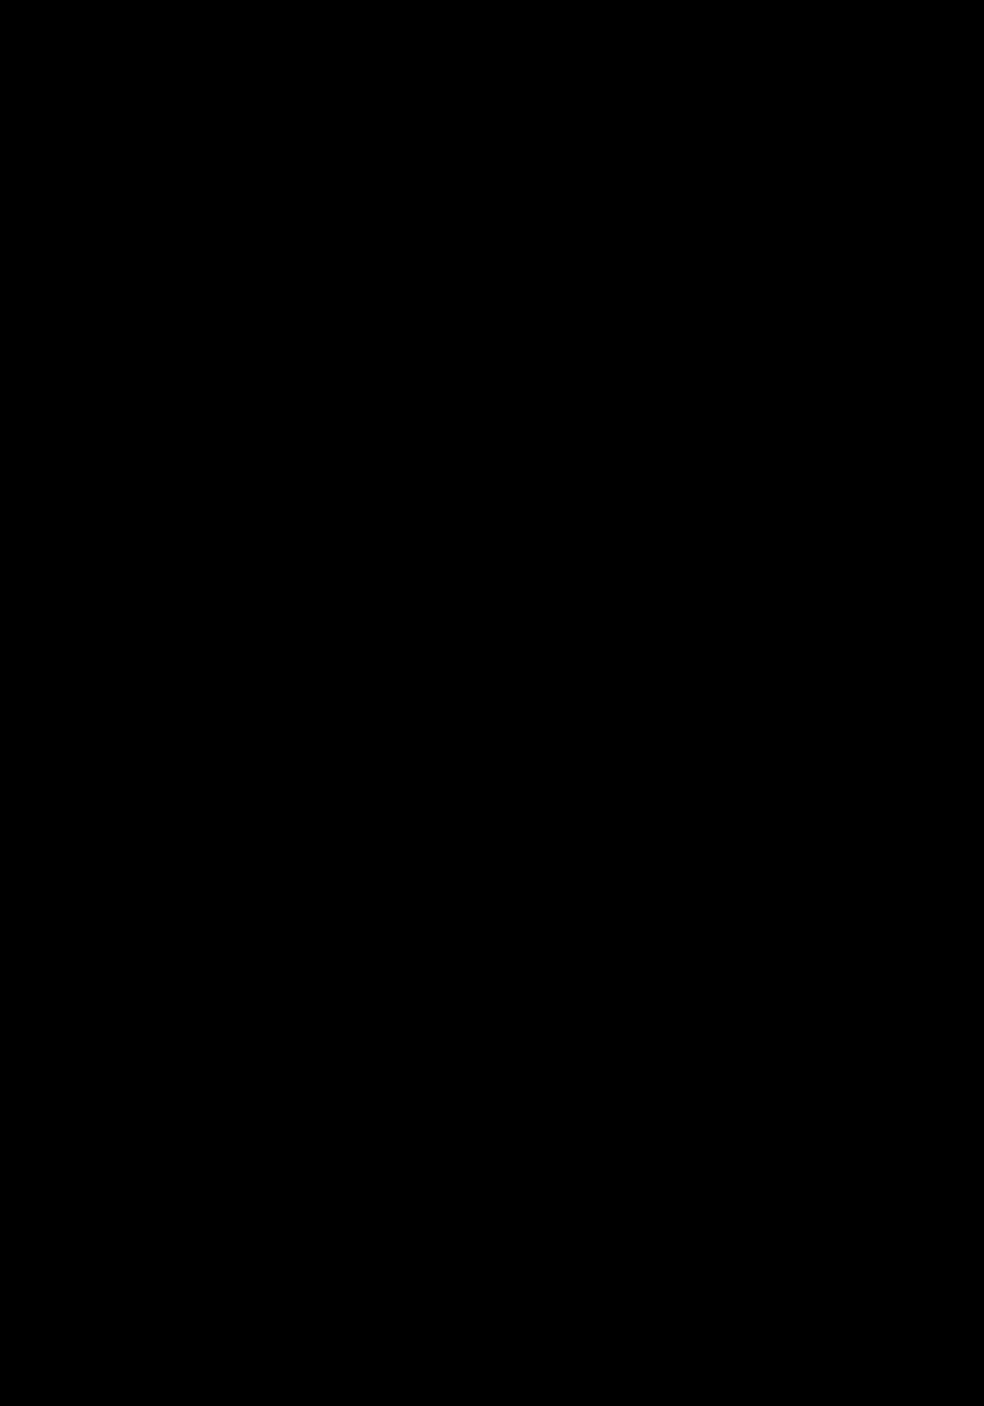 艶 M 小かな MTU-KS 横組見本